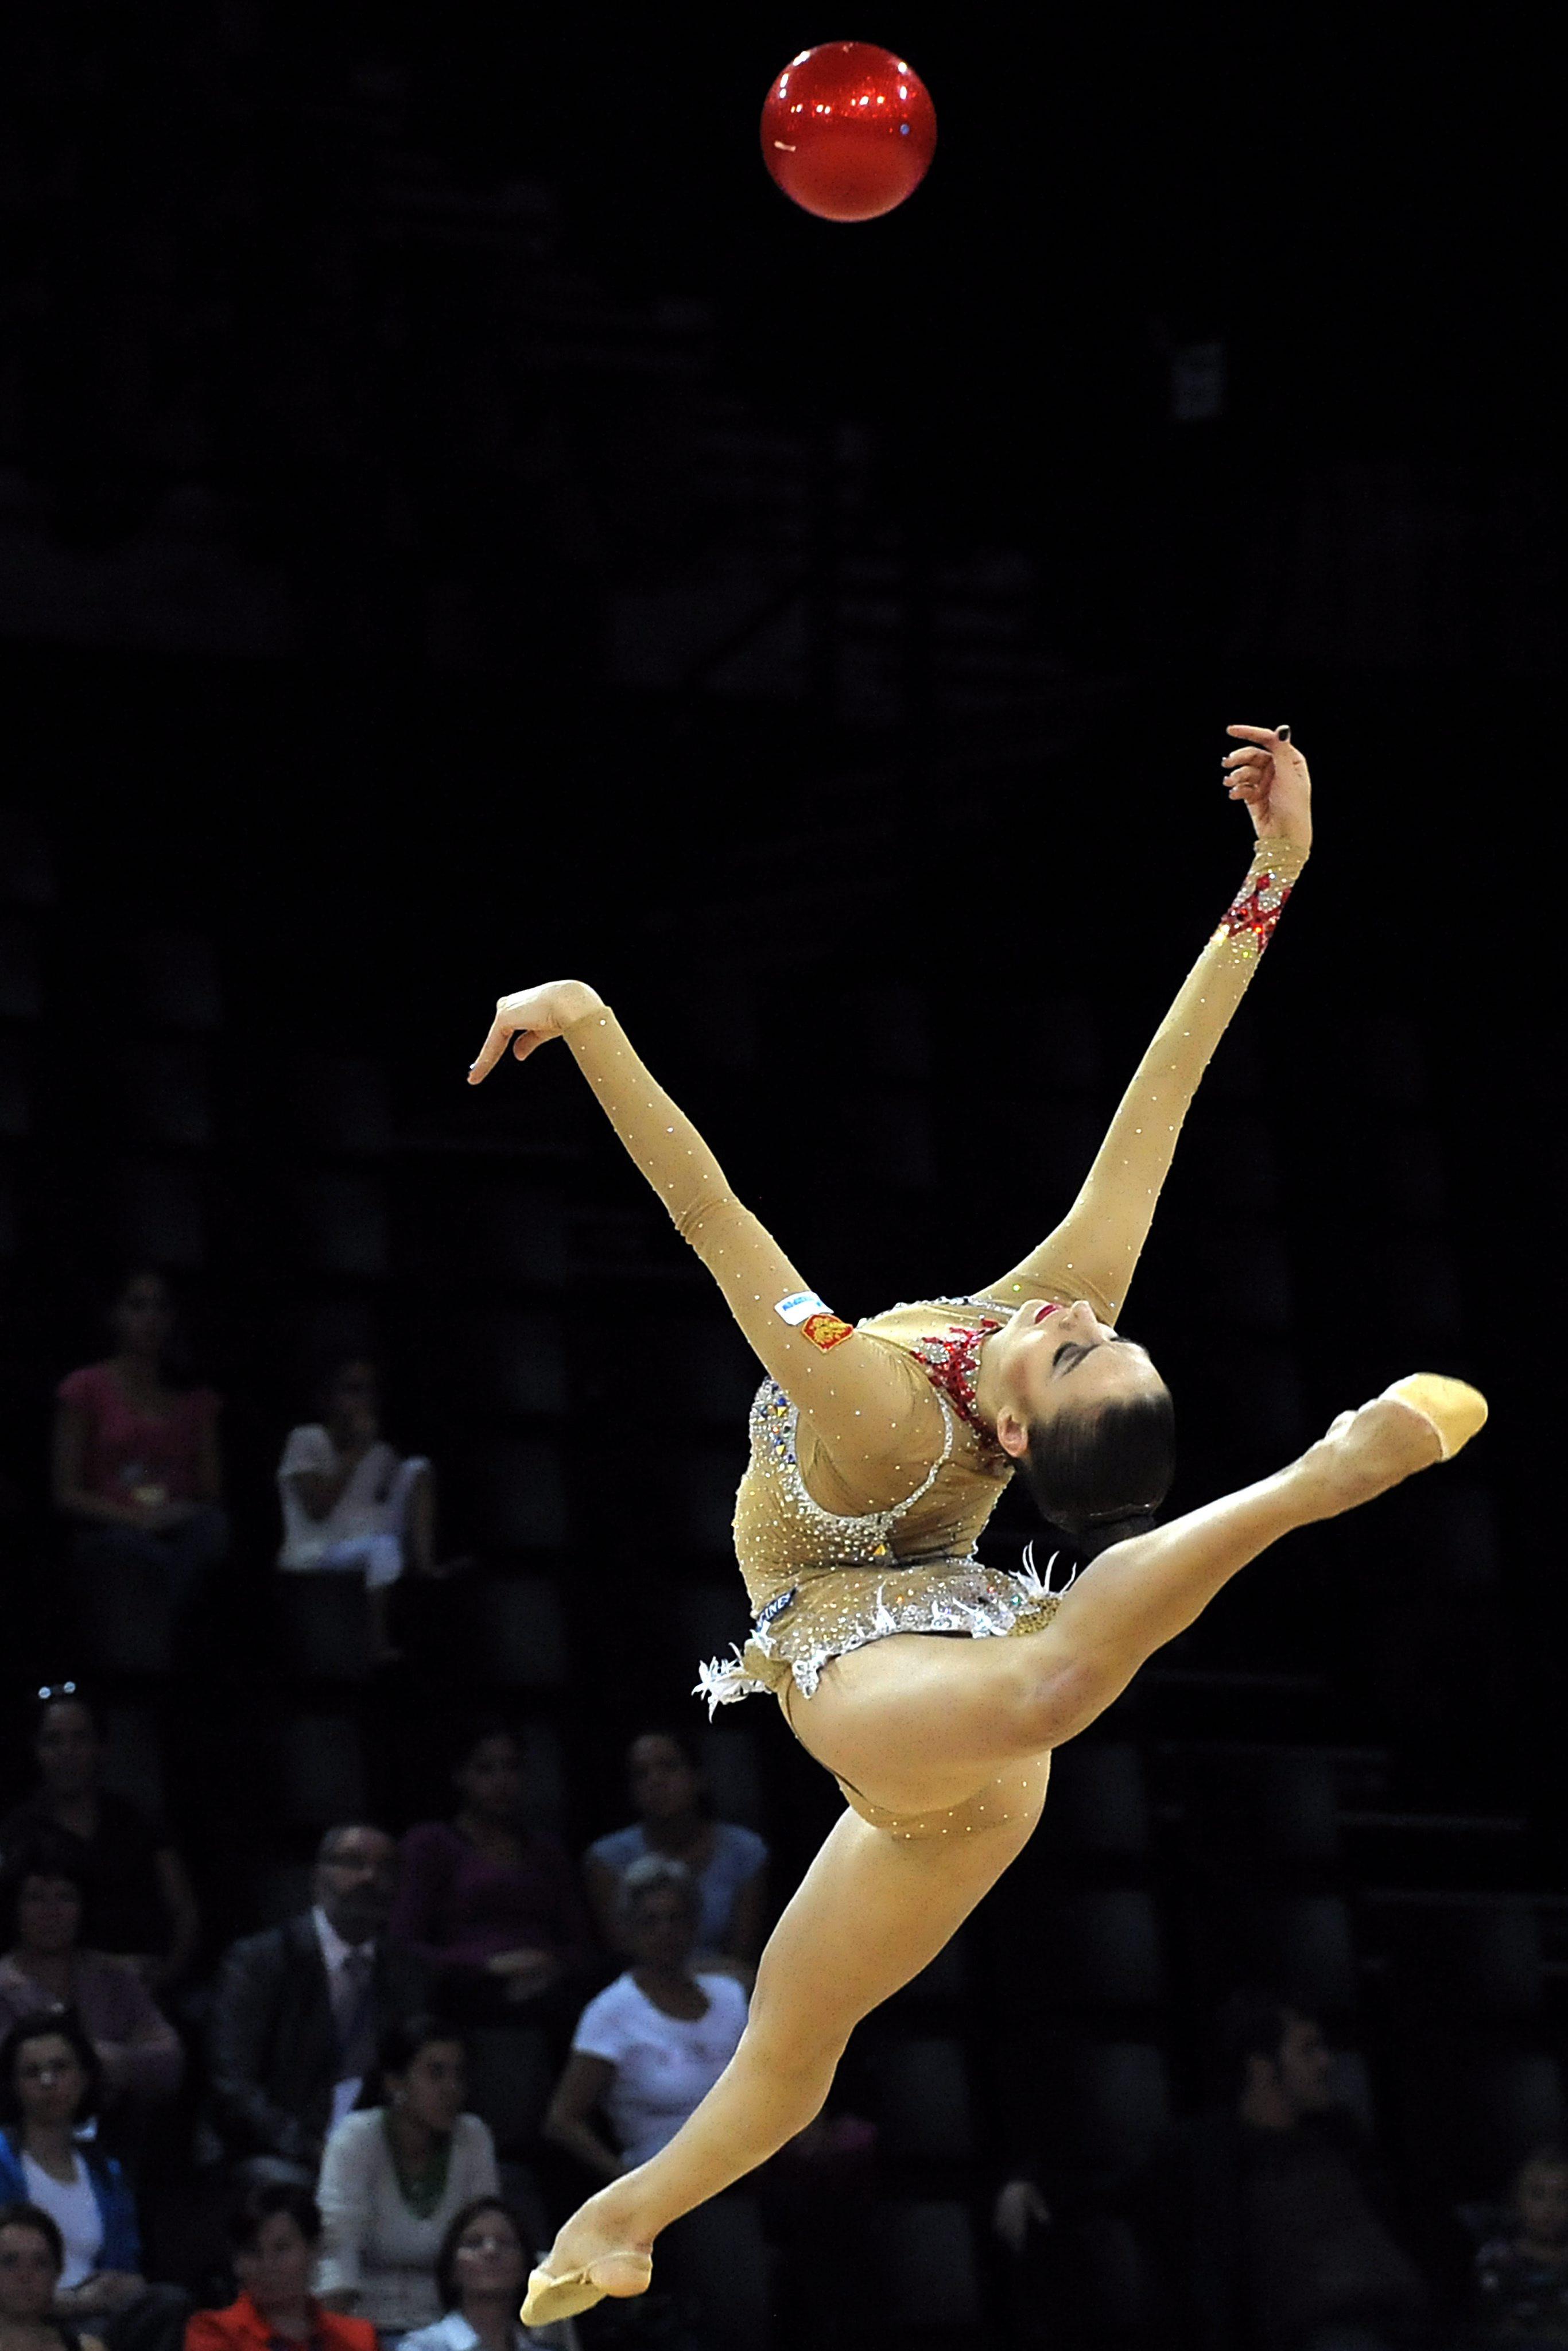 Българският ансамбъл спечели бронзов медал в съчетанието с 5 топки (видео)